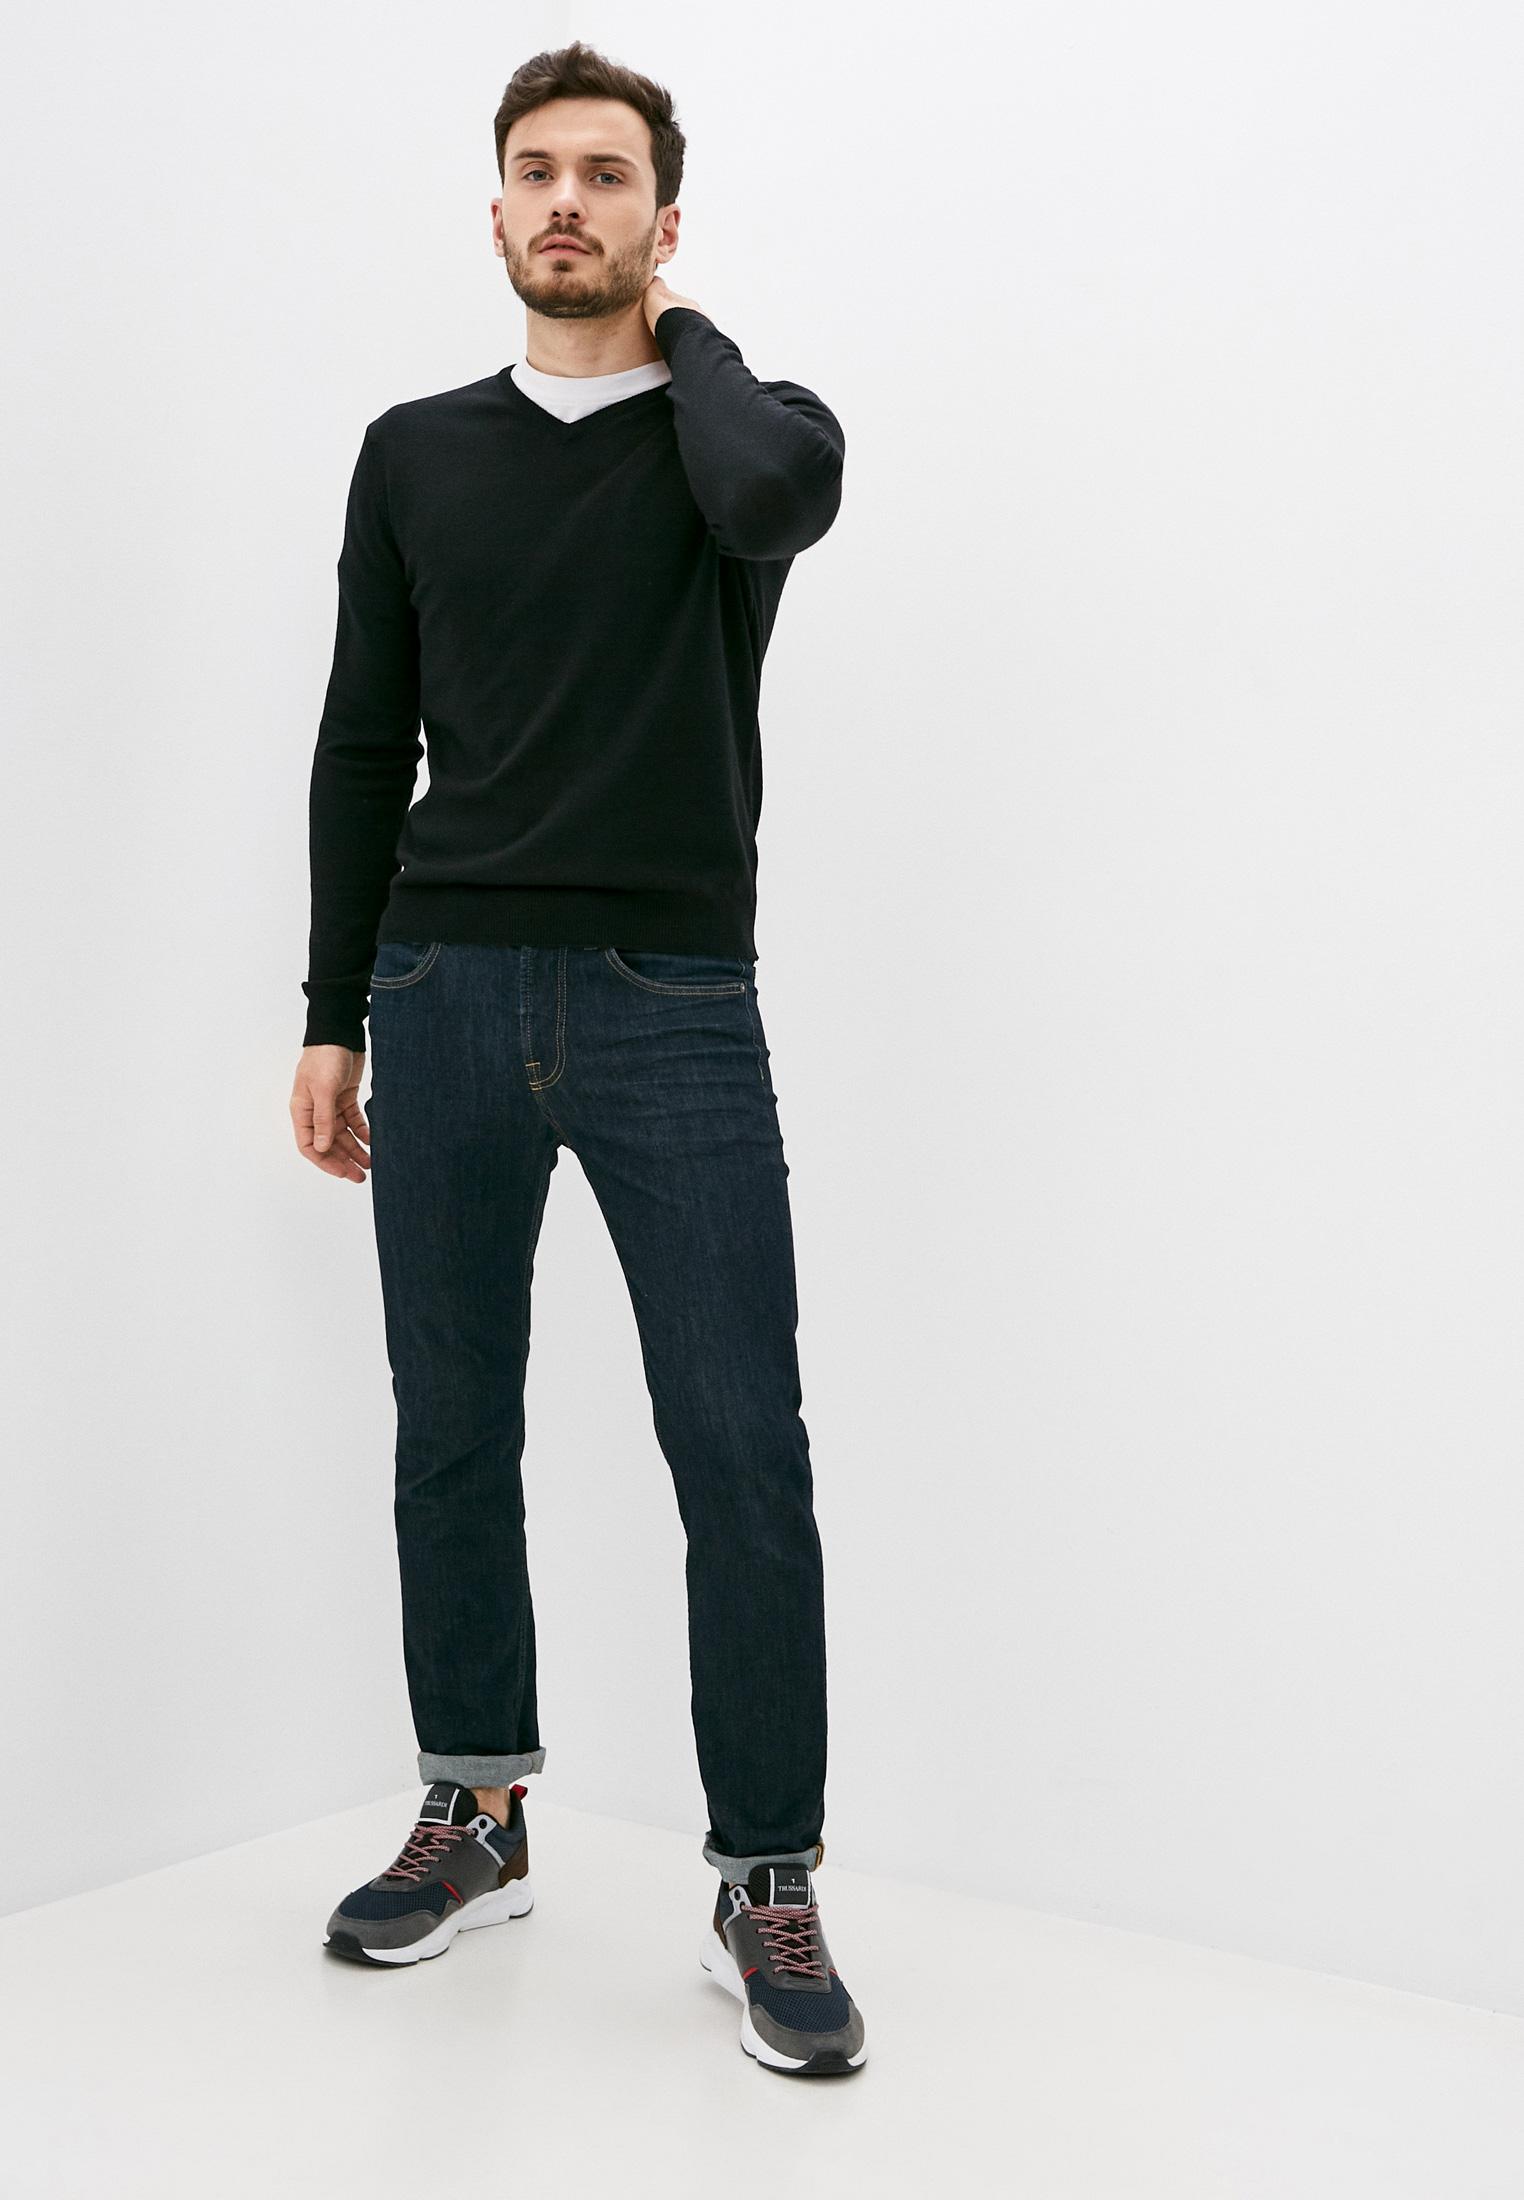 Пуловер Baldinini (Балдинини) MU0211: изображение 3